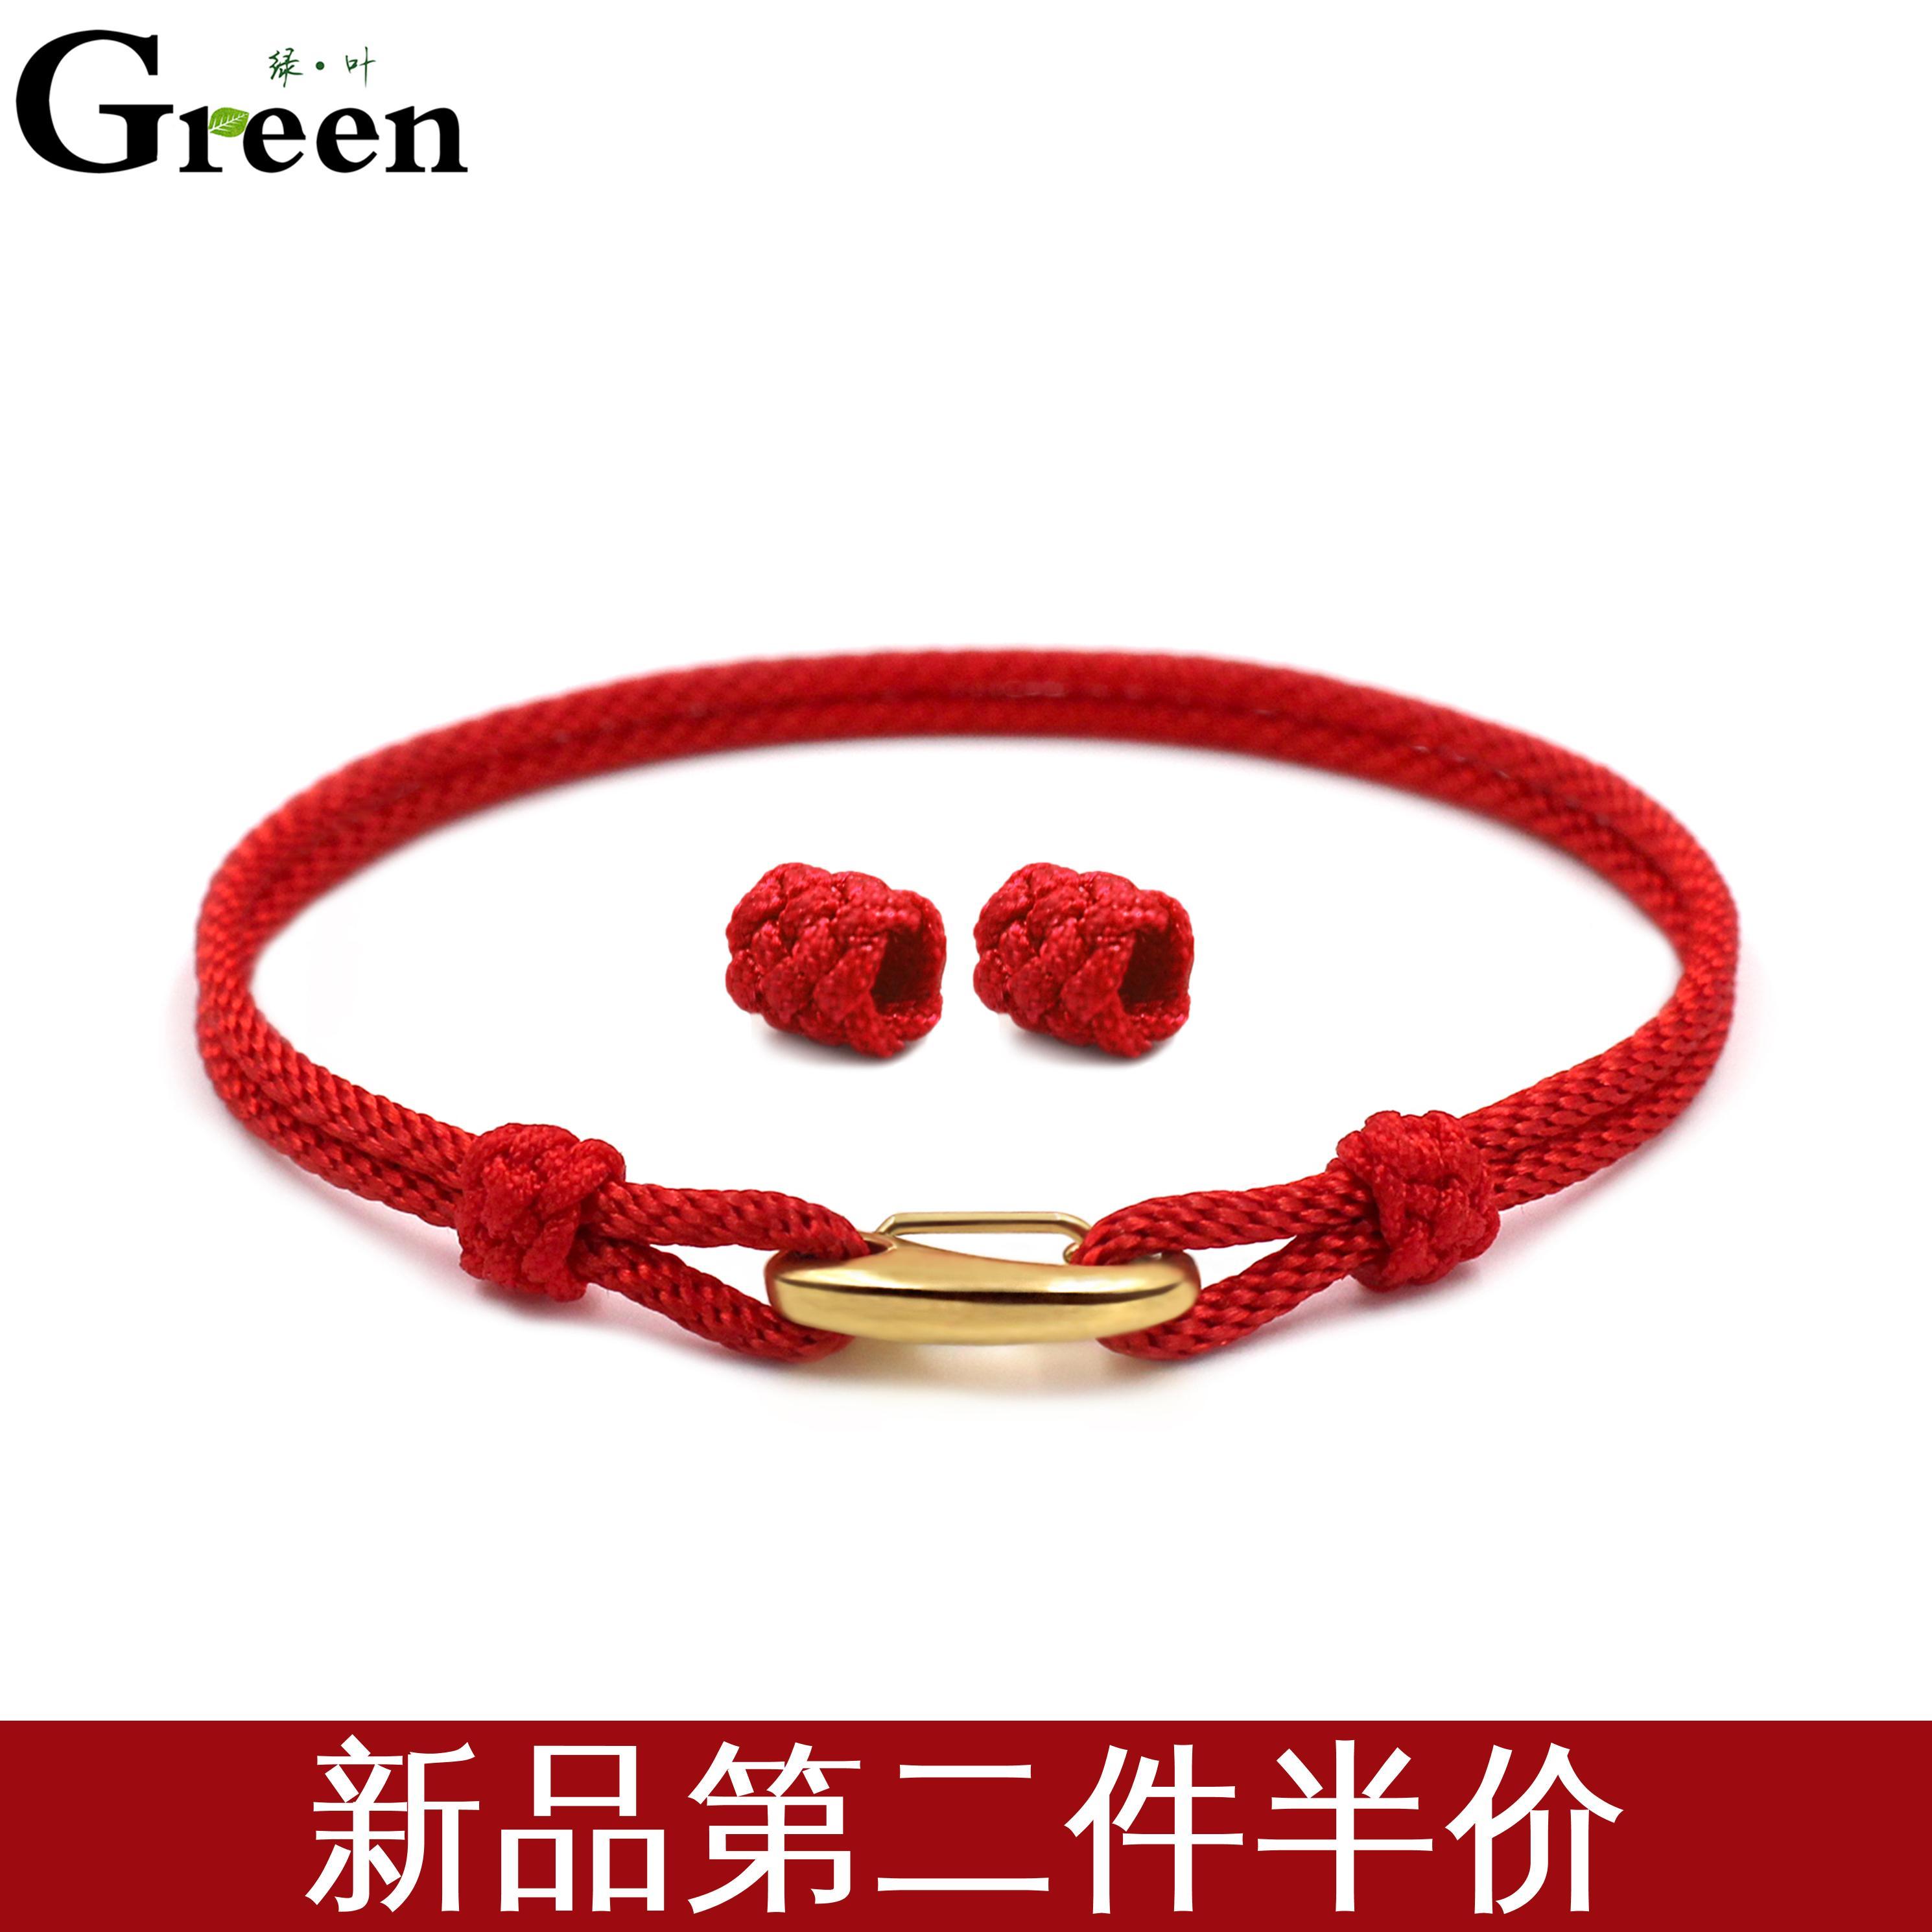 新款手工编织本命年红绳手链可穿3D硬金转运珠男女款情侣串珠手绳